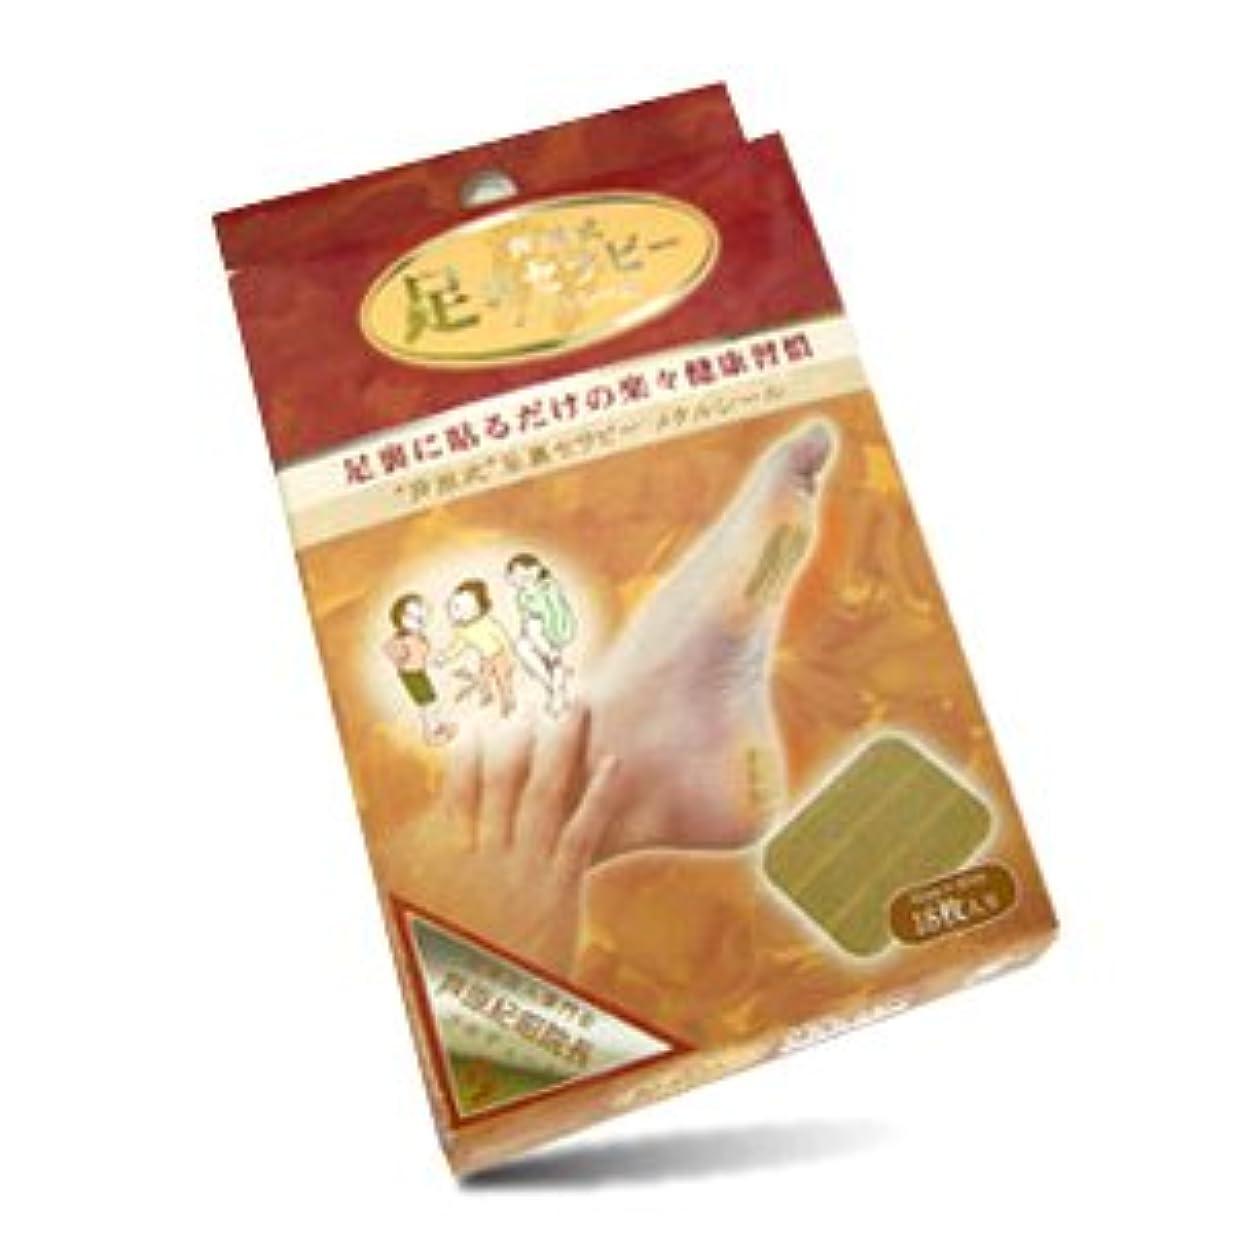 ワイプ小康アラバマ芦原式足裏セラピー メタルシール 84枚入り 足裏に貼るだけの楽々健康習慣!